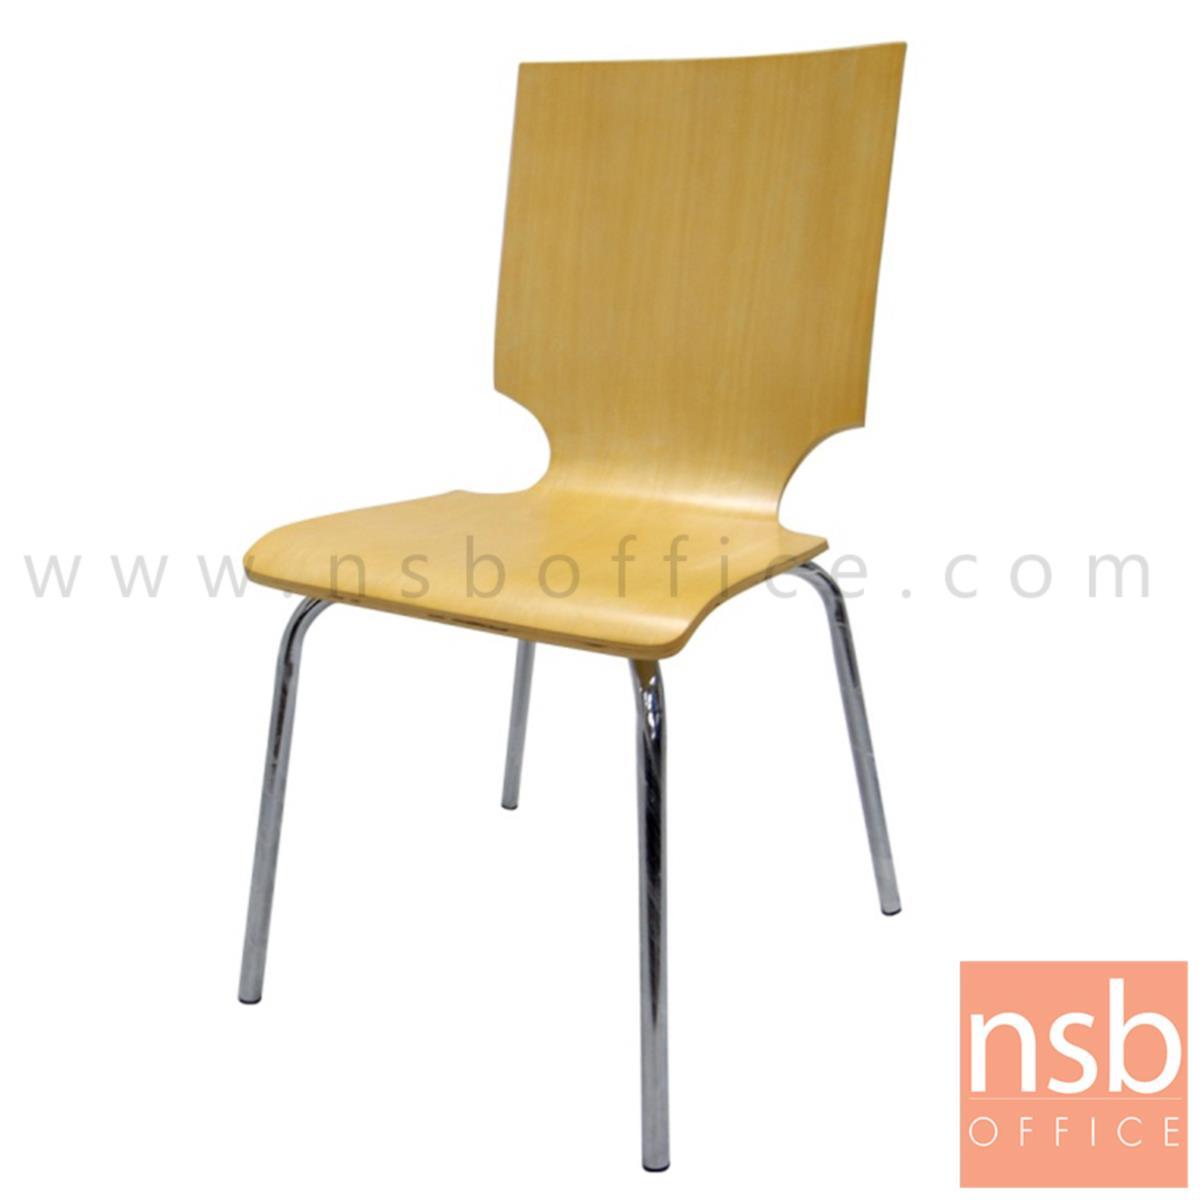 G14A126:เก้าอี้อเนกประสงค์ไม้เมลามีน รุ่น Amphibia (แอมฟิเบีย)  ขาเหล็กชุบโครเมี่ยม